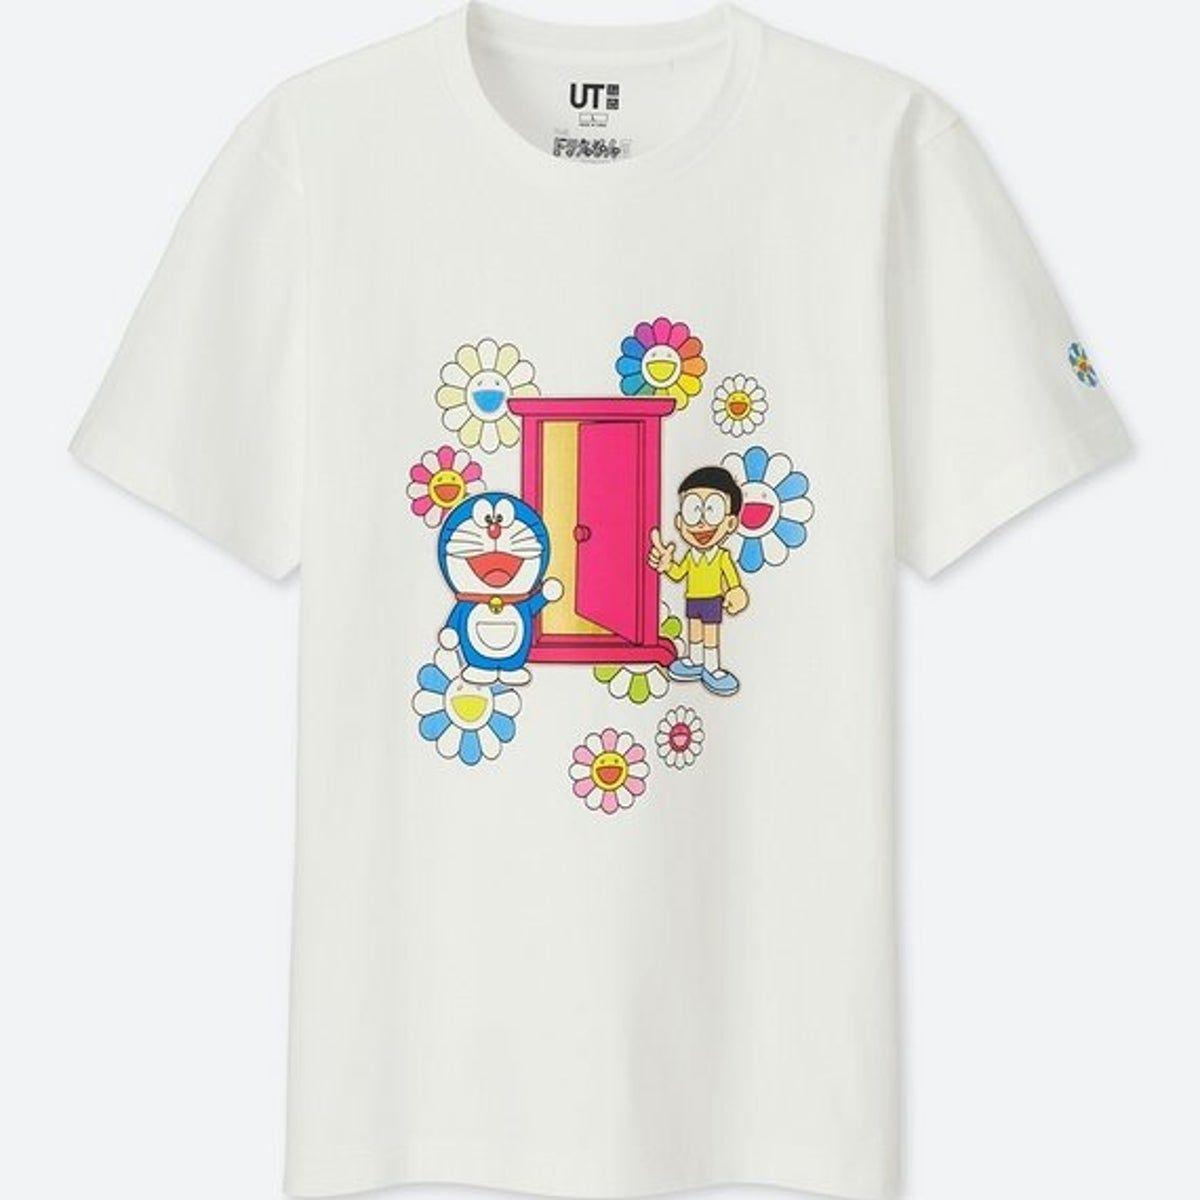 new uniqlo doraemon white t shirt size s uniqlo doraemon takashi murakami